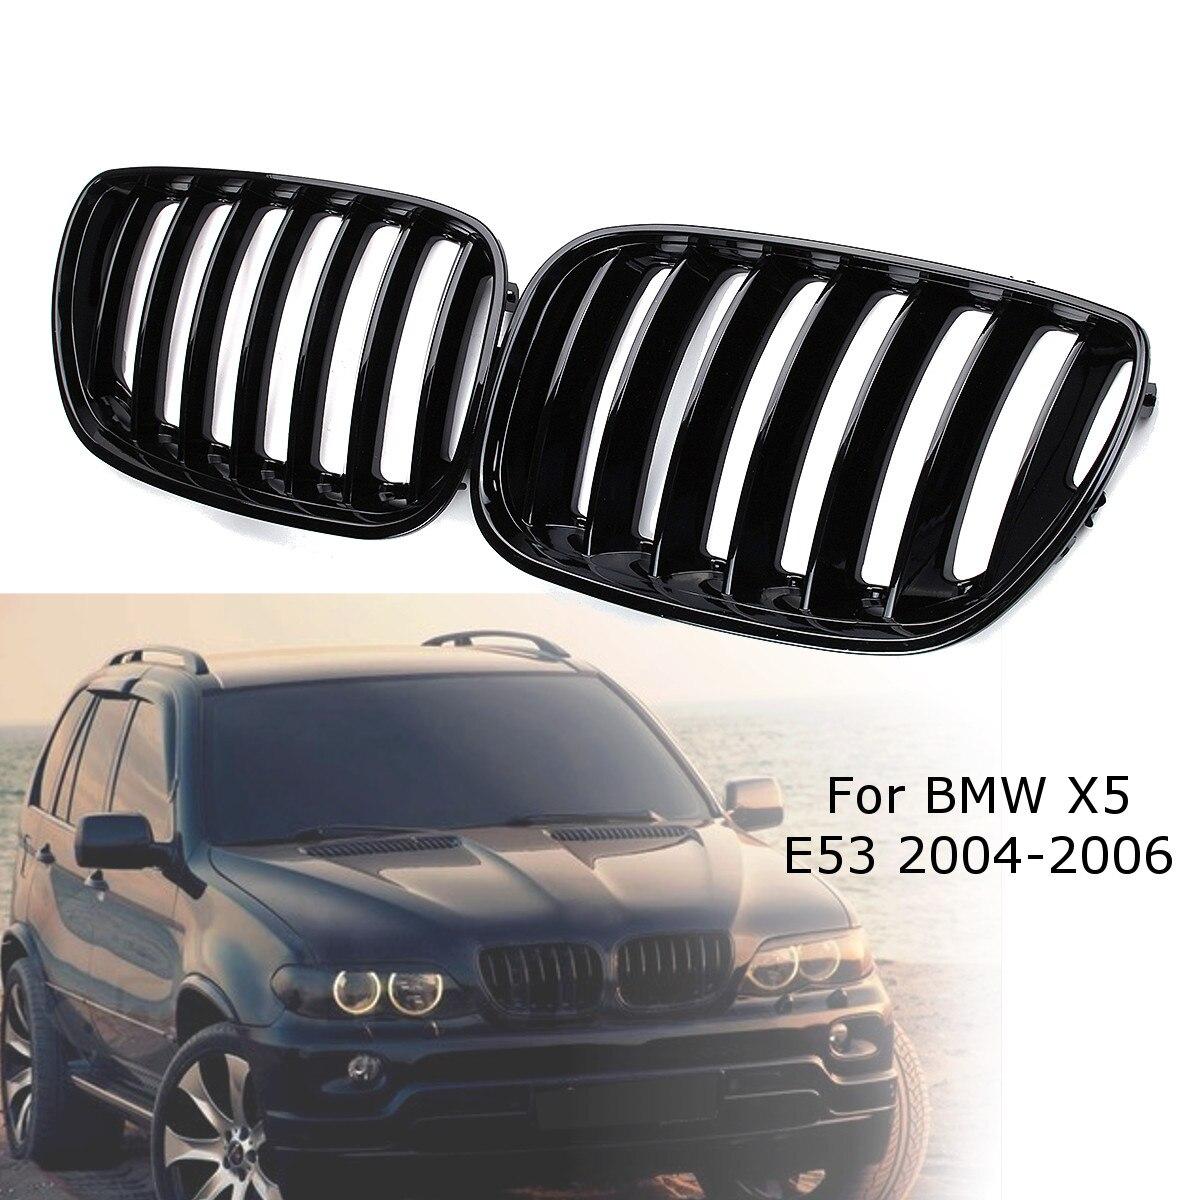 2 uds negro brillante coche rejilla frontal rejillas derecha e izquierda para BMW X5 E53 2004 de 2005, 2006 ABS 51137124815, 51137124816